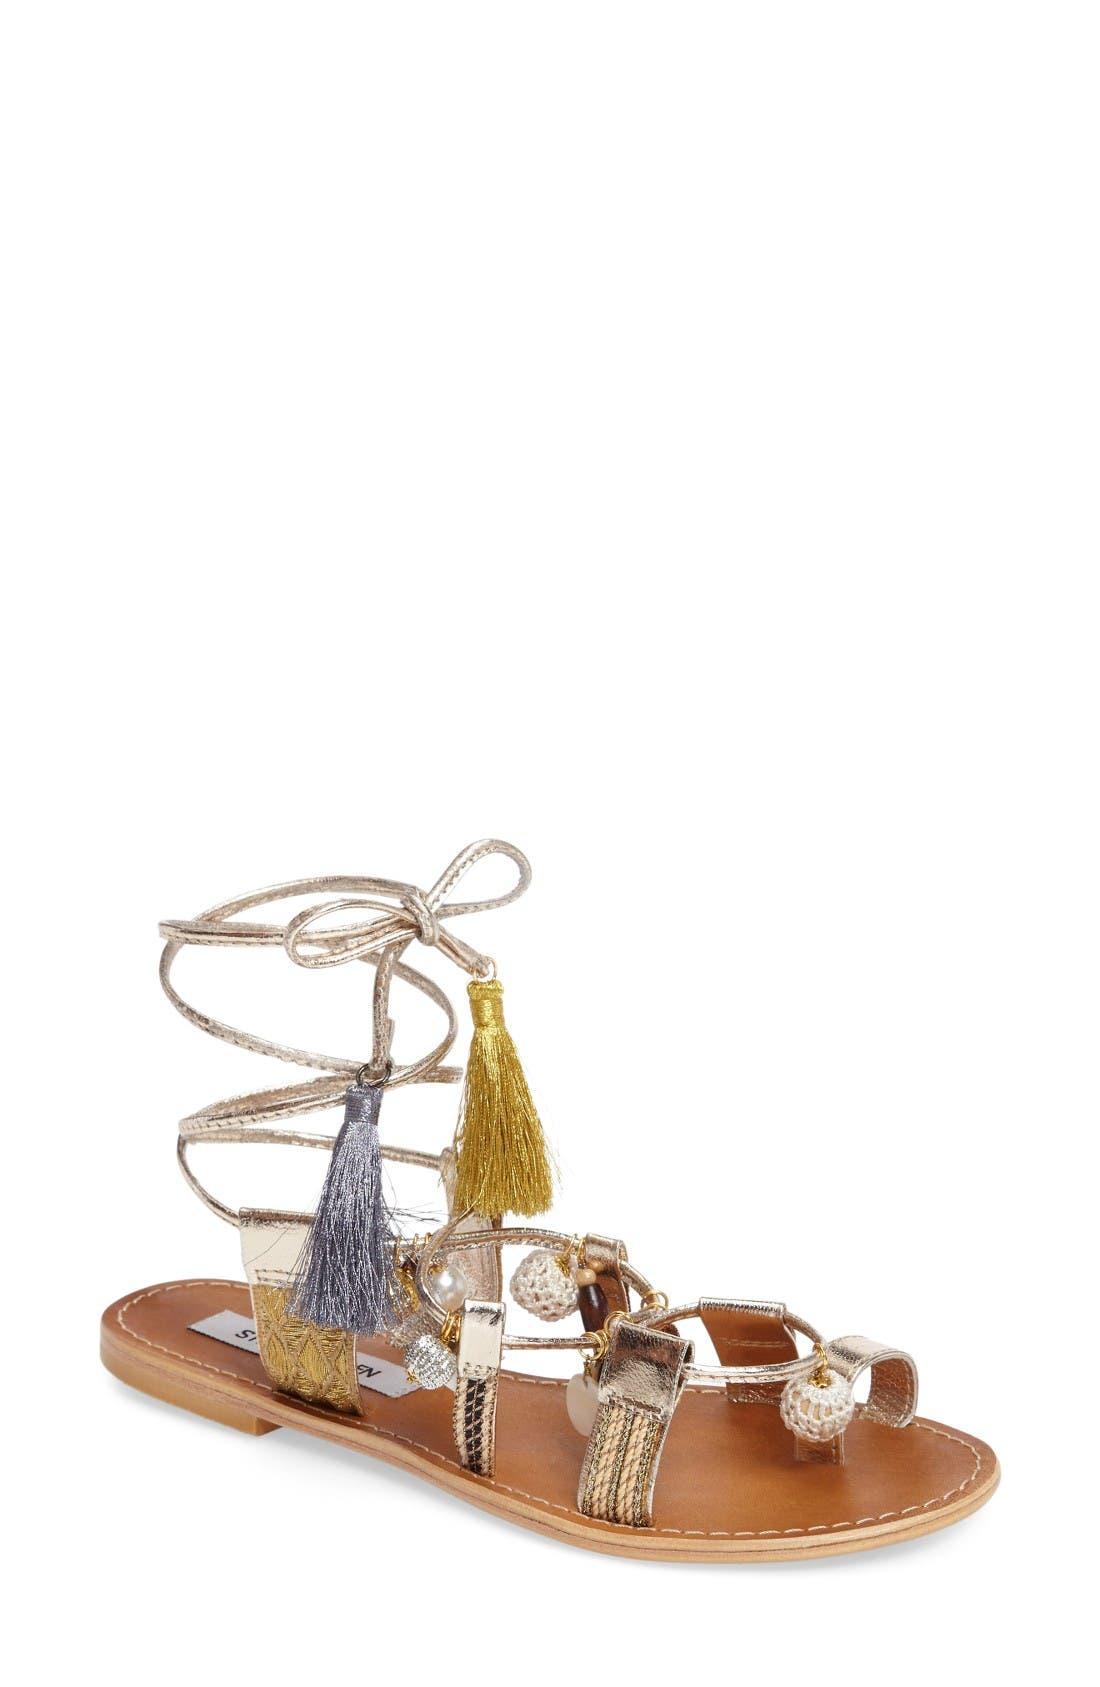 STEVE MADDEN Rambel Embellished Gladiator Sandal